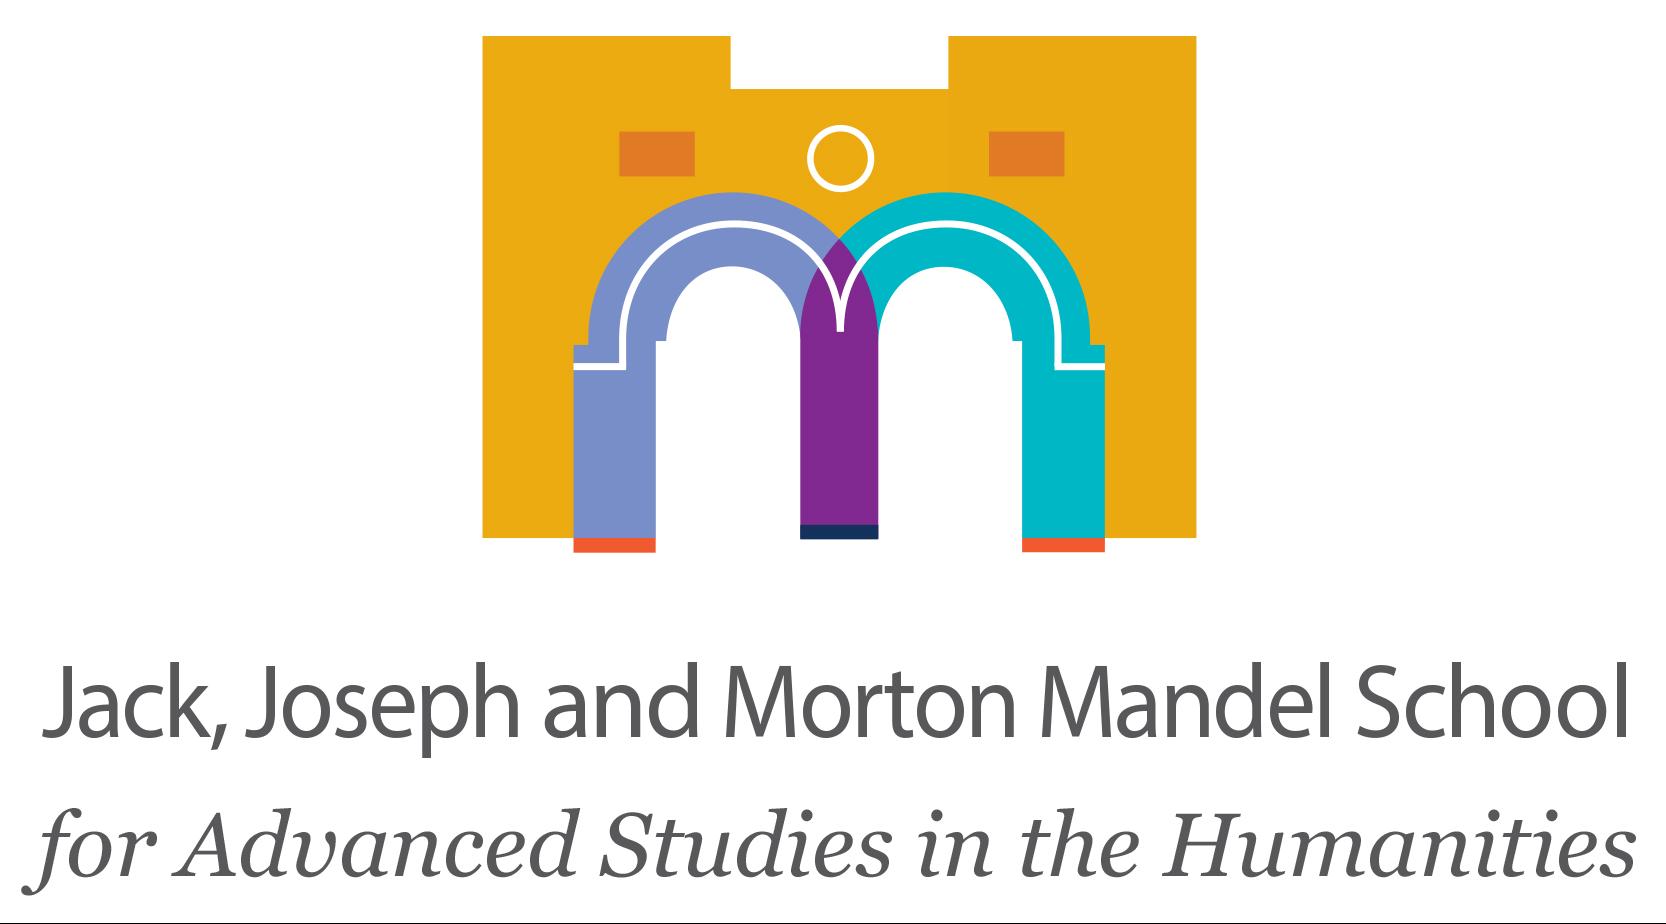 Jack, Joseph & Morton Mandel School